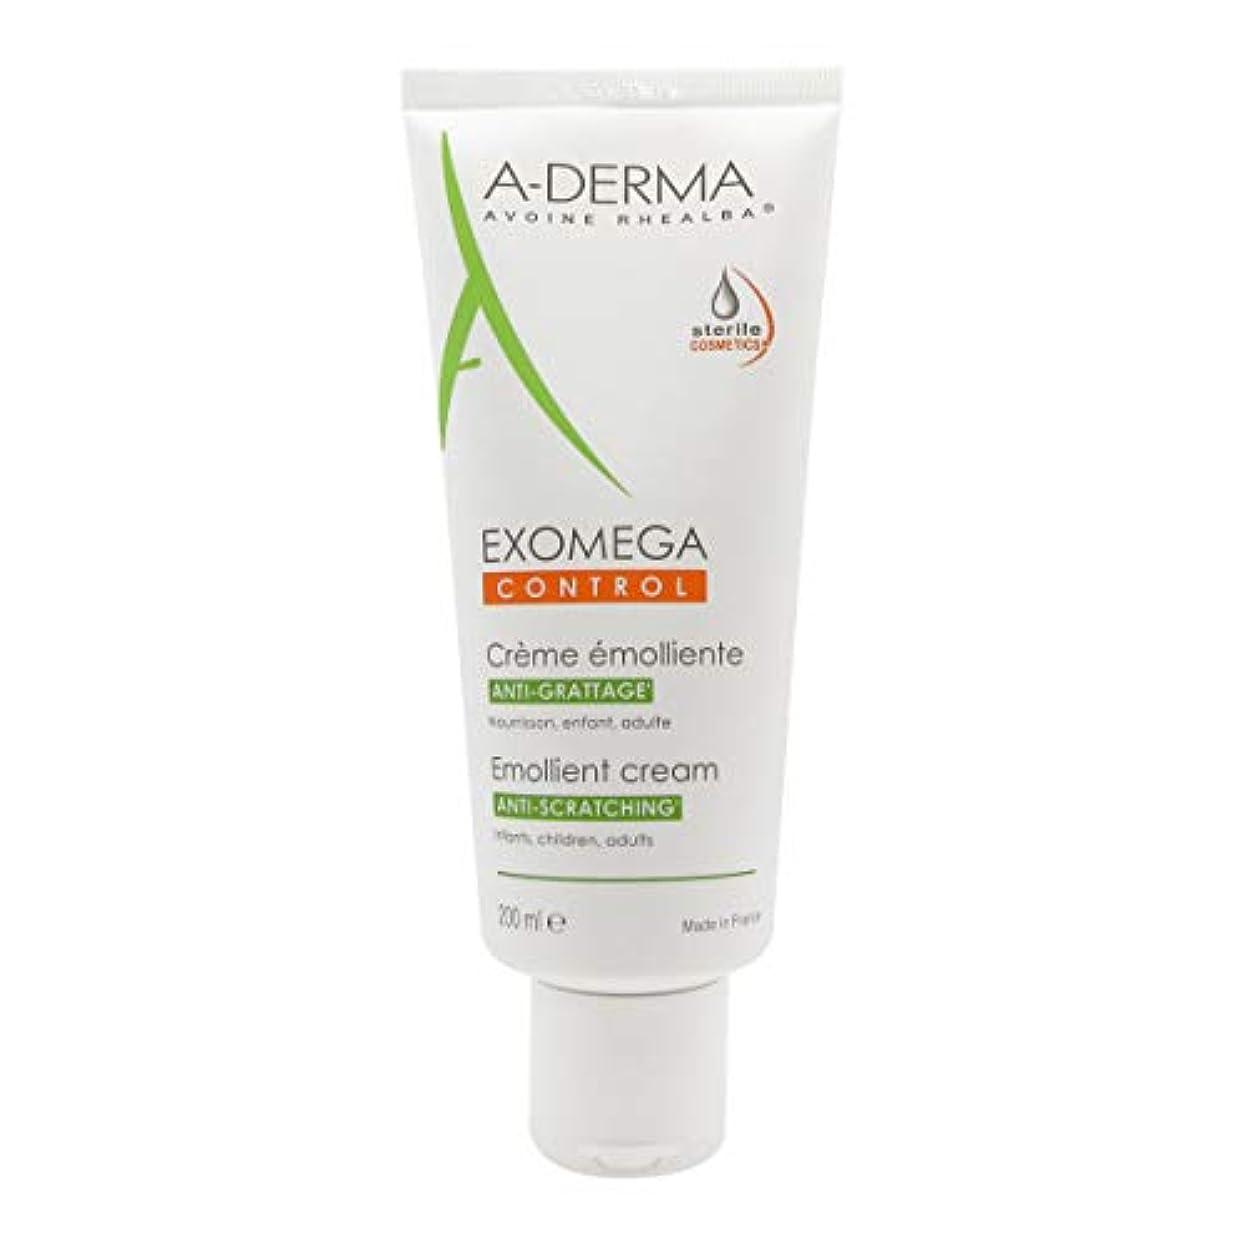 少年発疹テープA-derma Exomega Control Emollient Cream 200ml [並行輸入品]